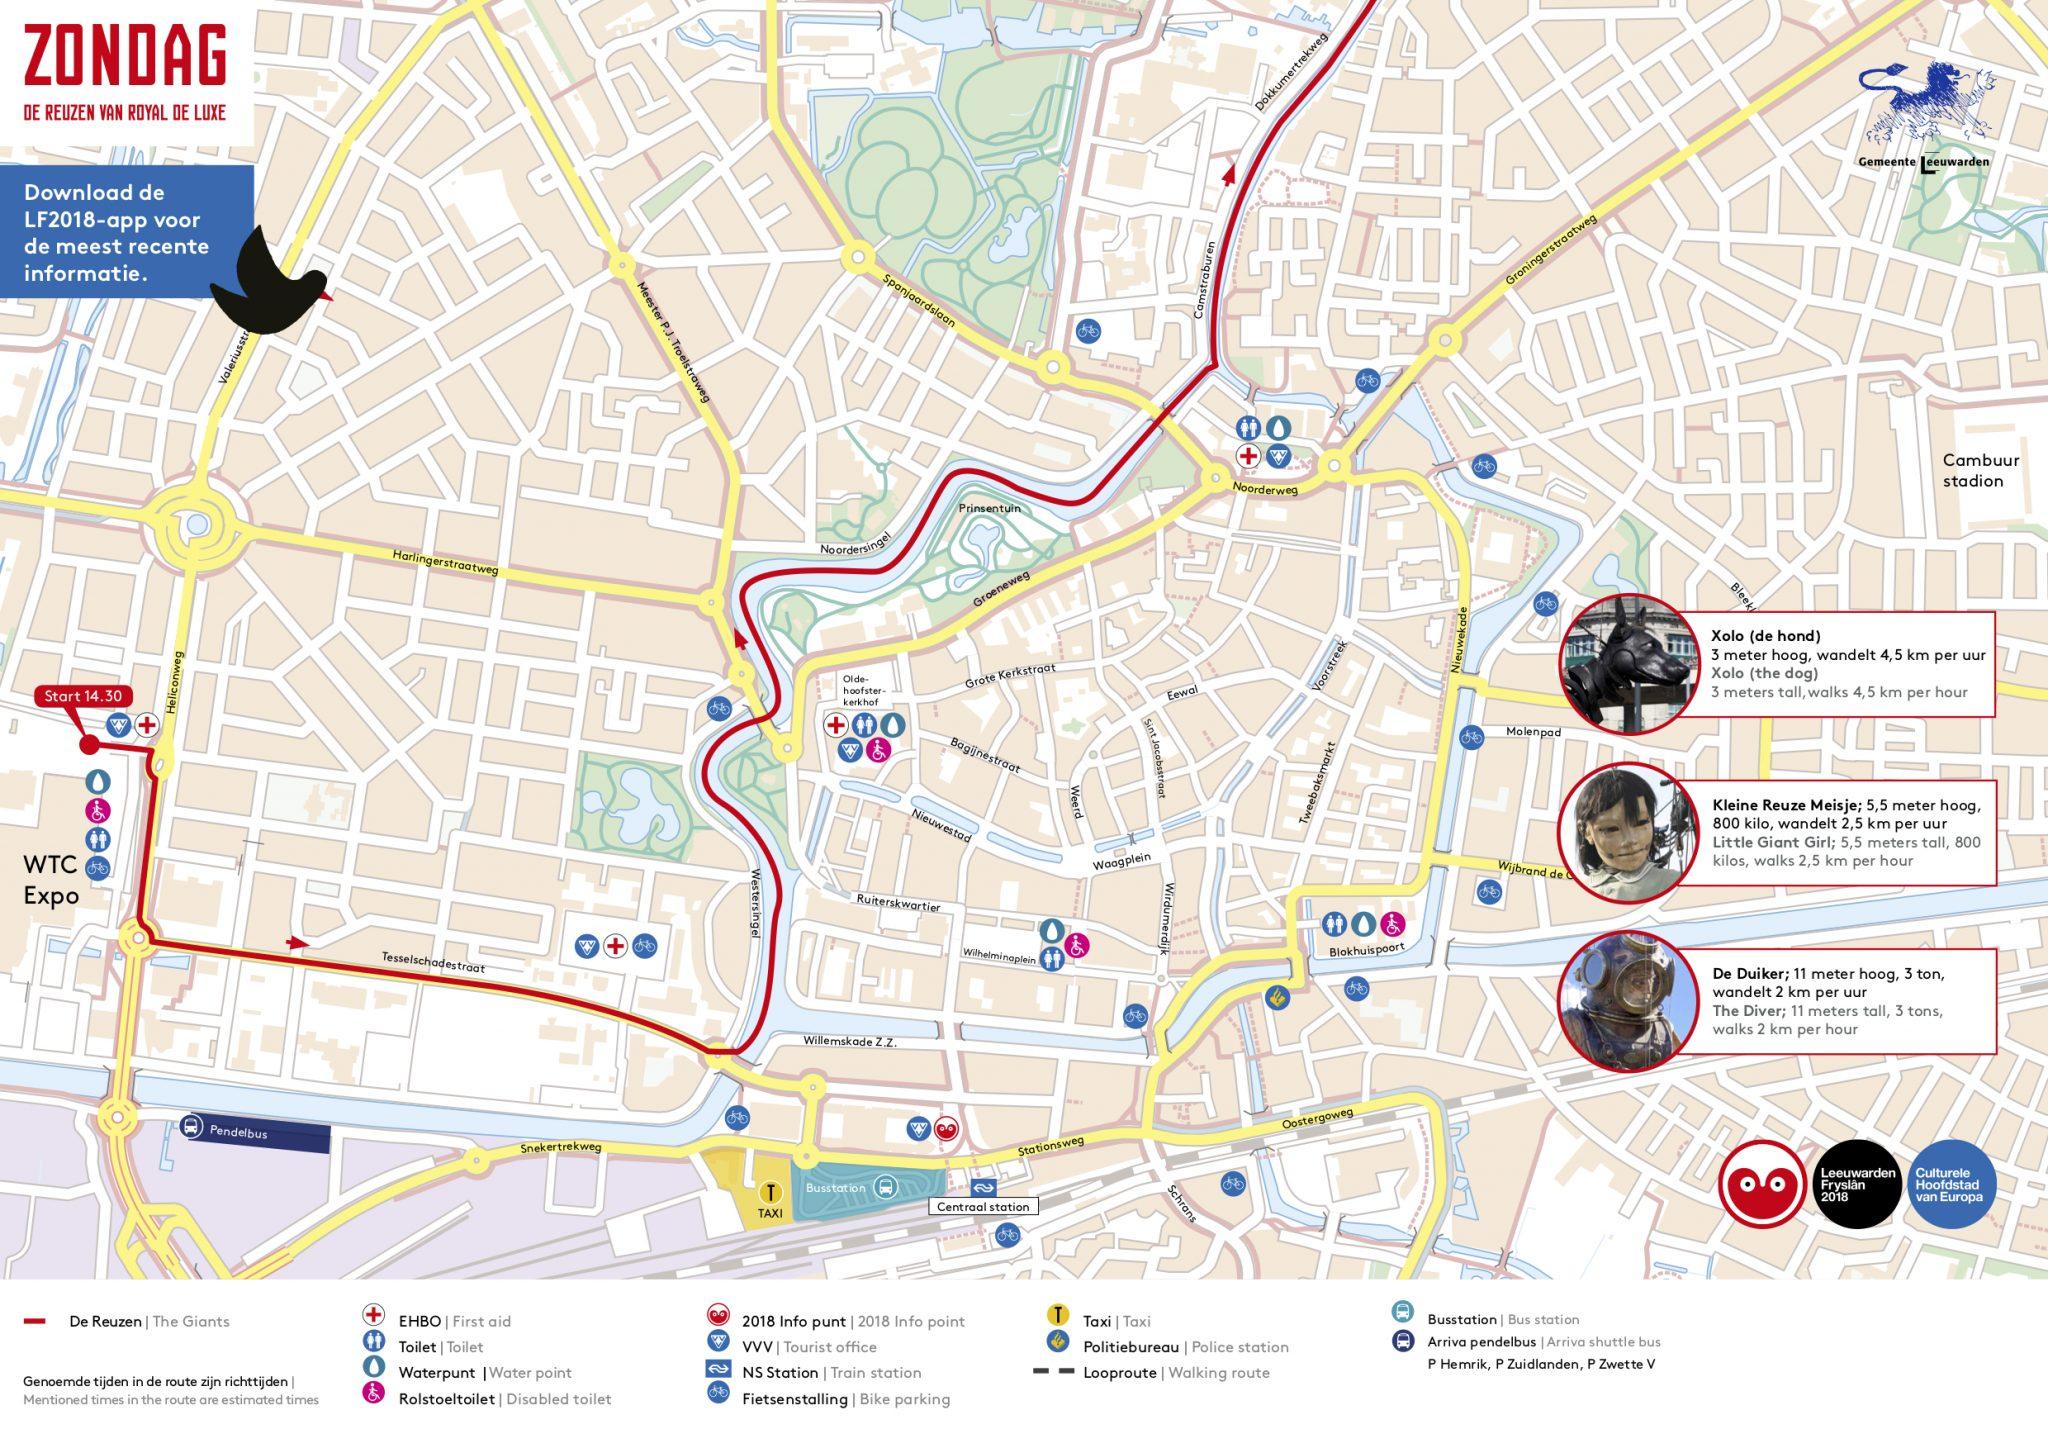 Route van de Reuzen van Royal de Luxe bekend  Ljouwertnu